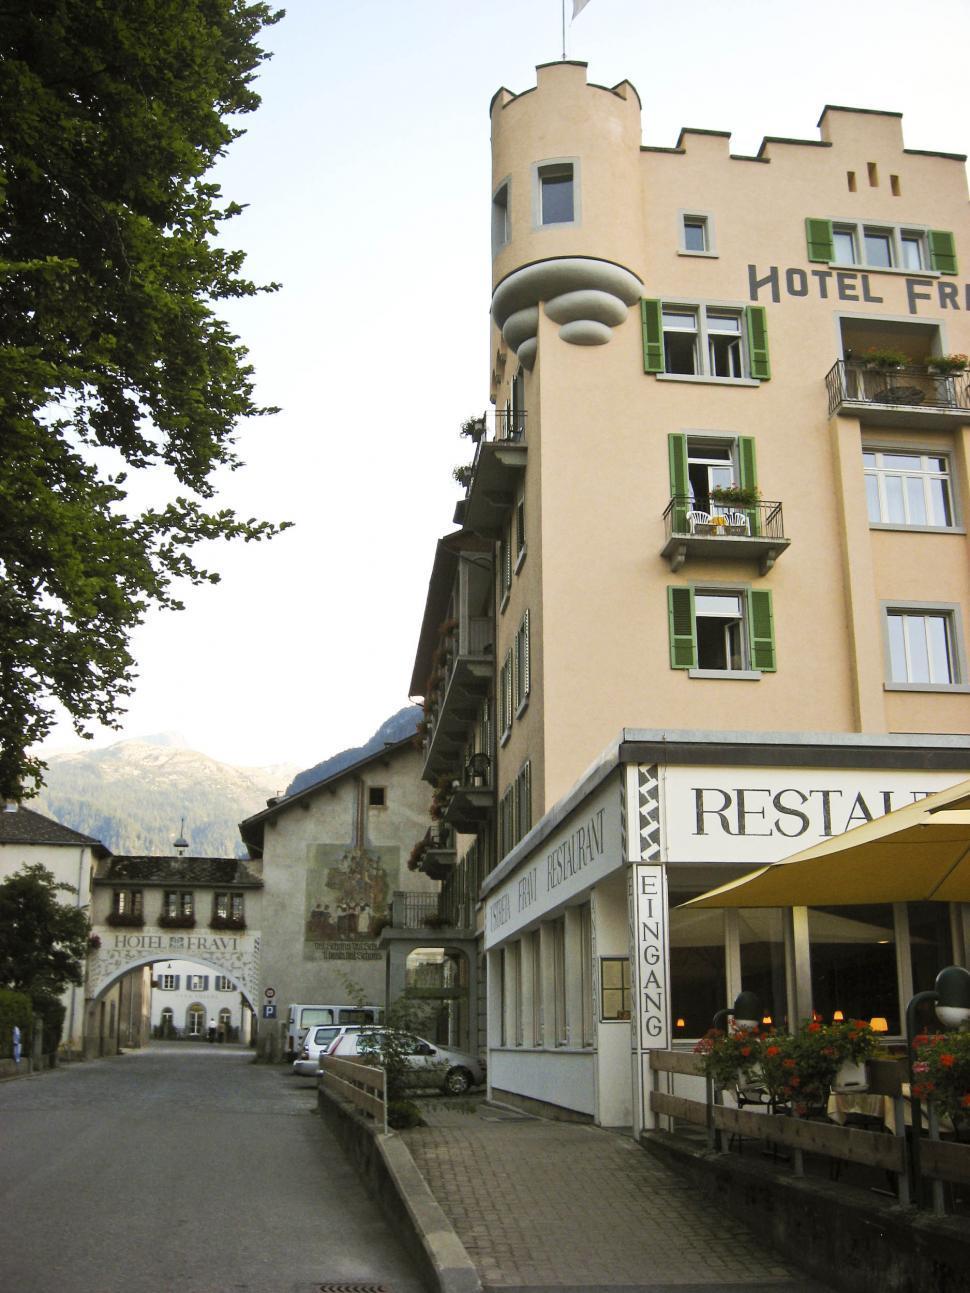 Download Free Stock HD Photo of Andeer Switzerland Online